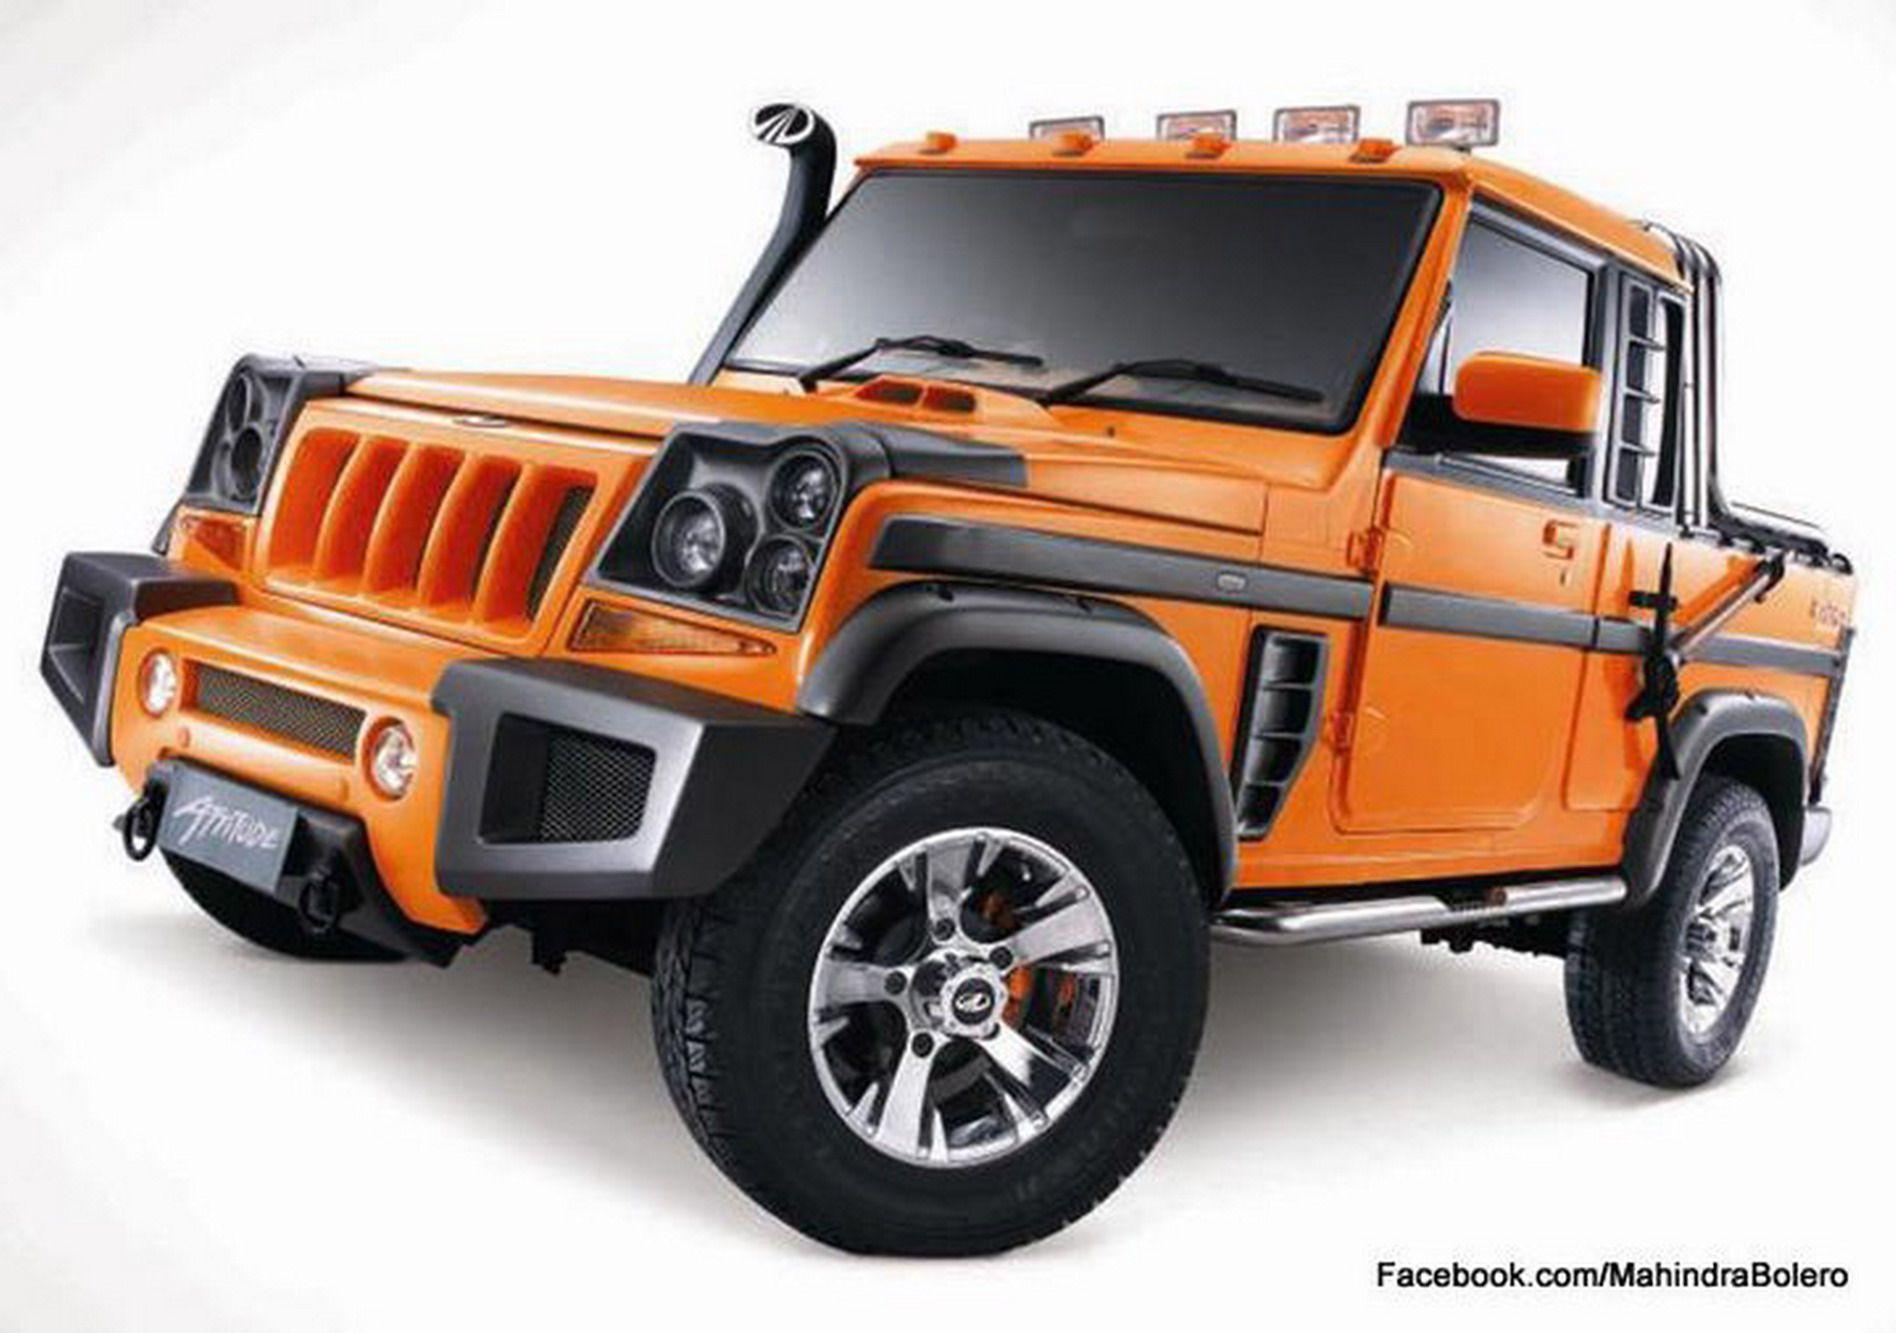 Mahindra Bolero Price Mahindra 4x4 Jeep Jk Jeep